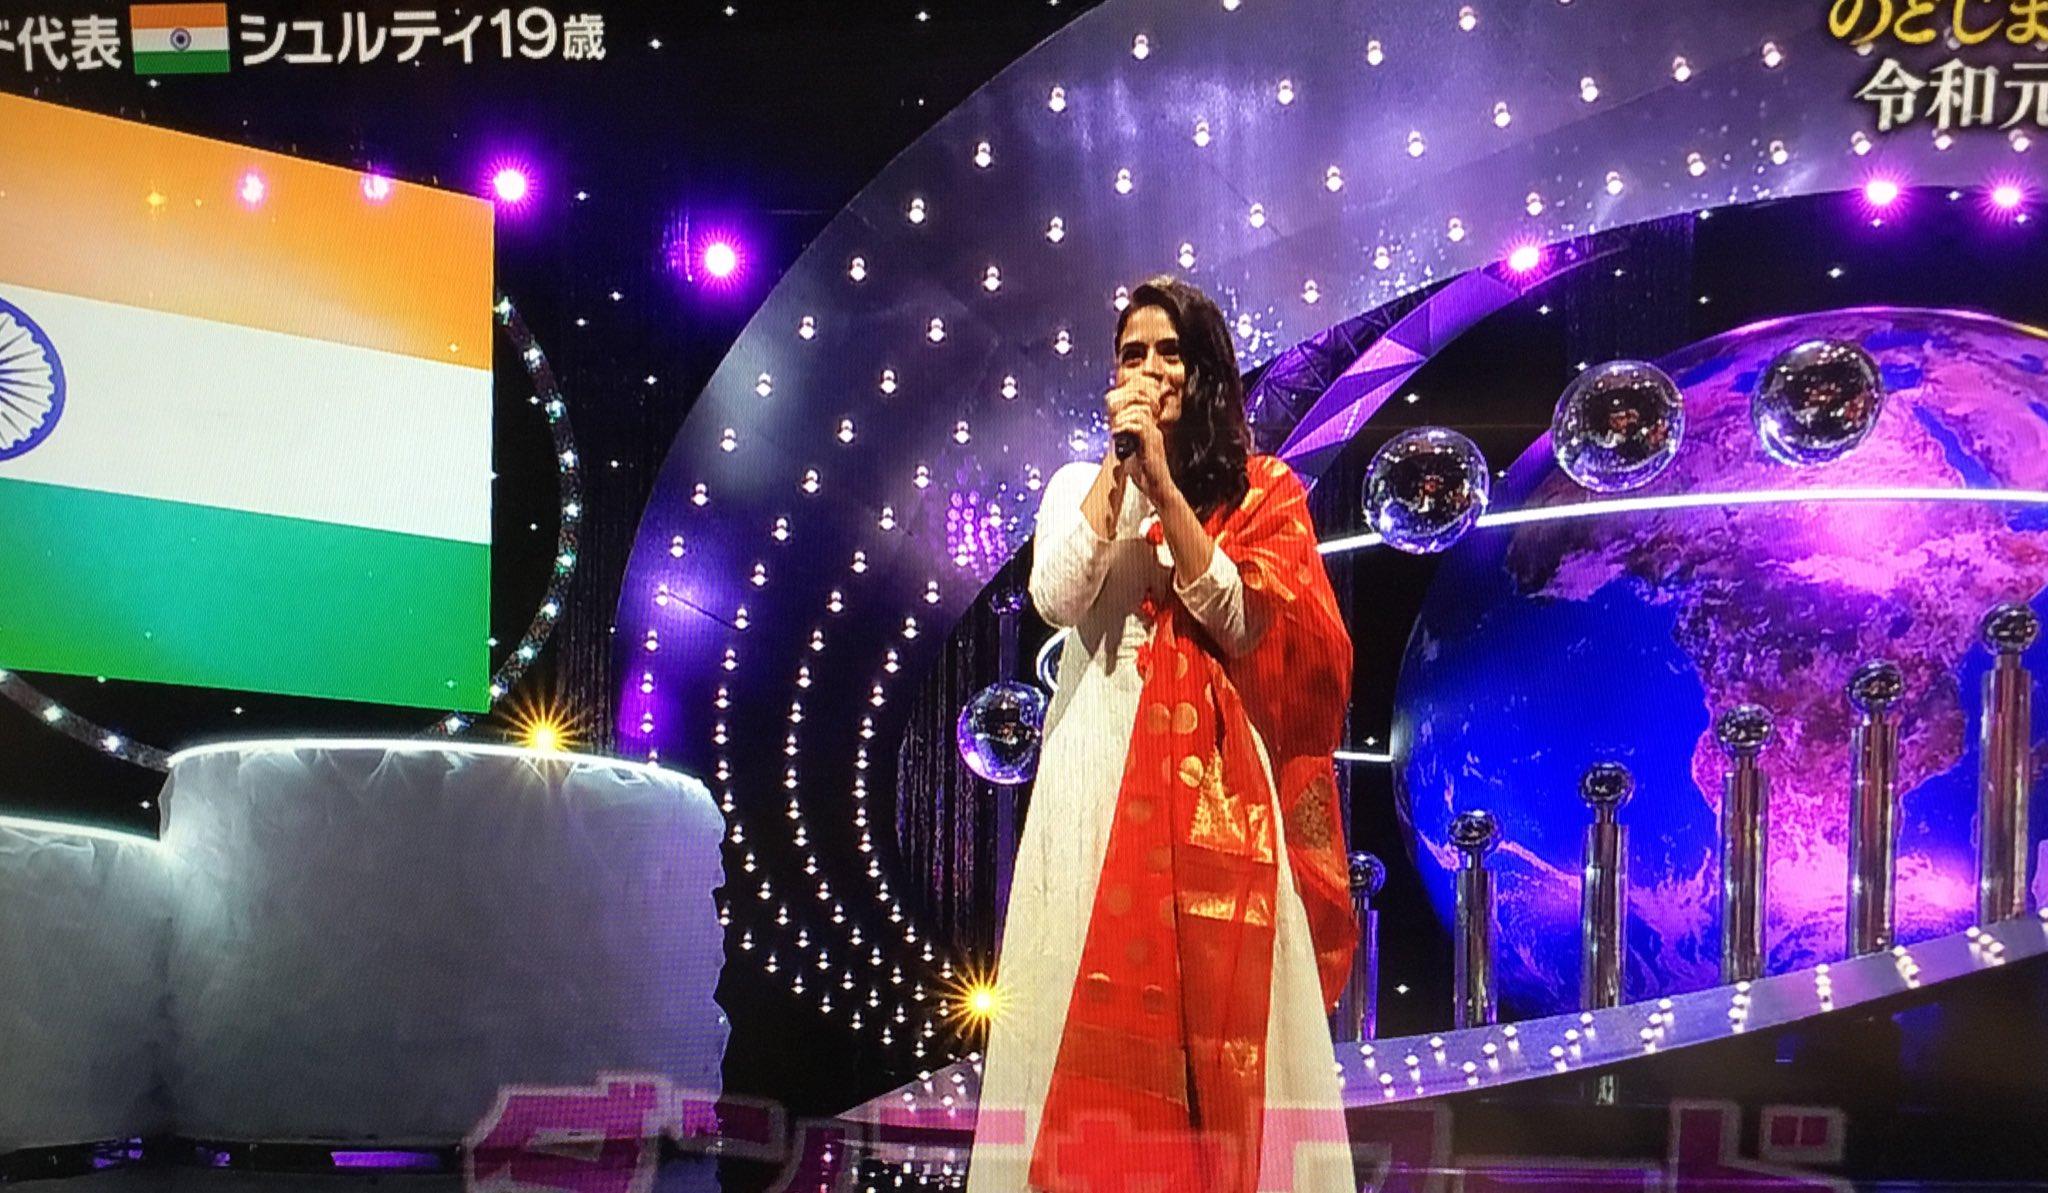 画像,インドのシュルティさん可愛すぎて軽率に100000点あげたくなる…✨しかも歌声もかわいくて澄んでて衣装も日本の日の丸っぽくてキレイ😭 #のどじまんTHEワールド…